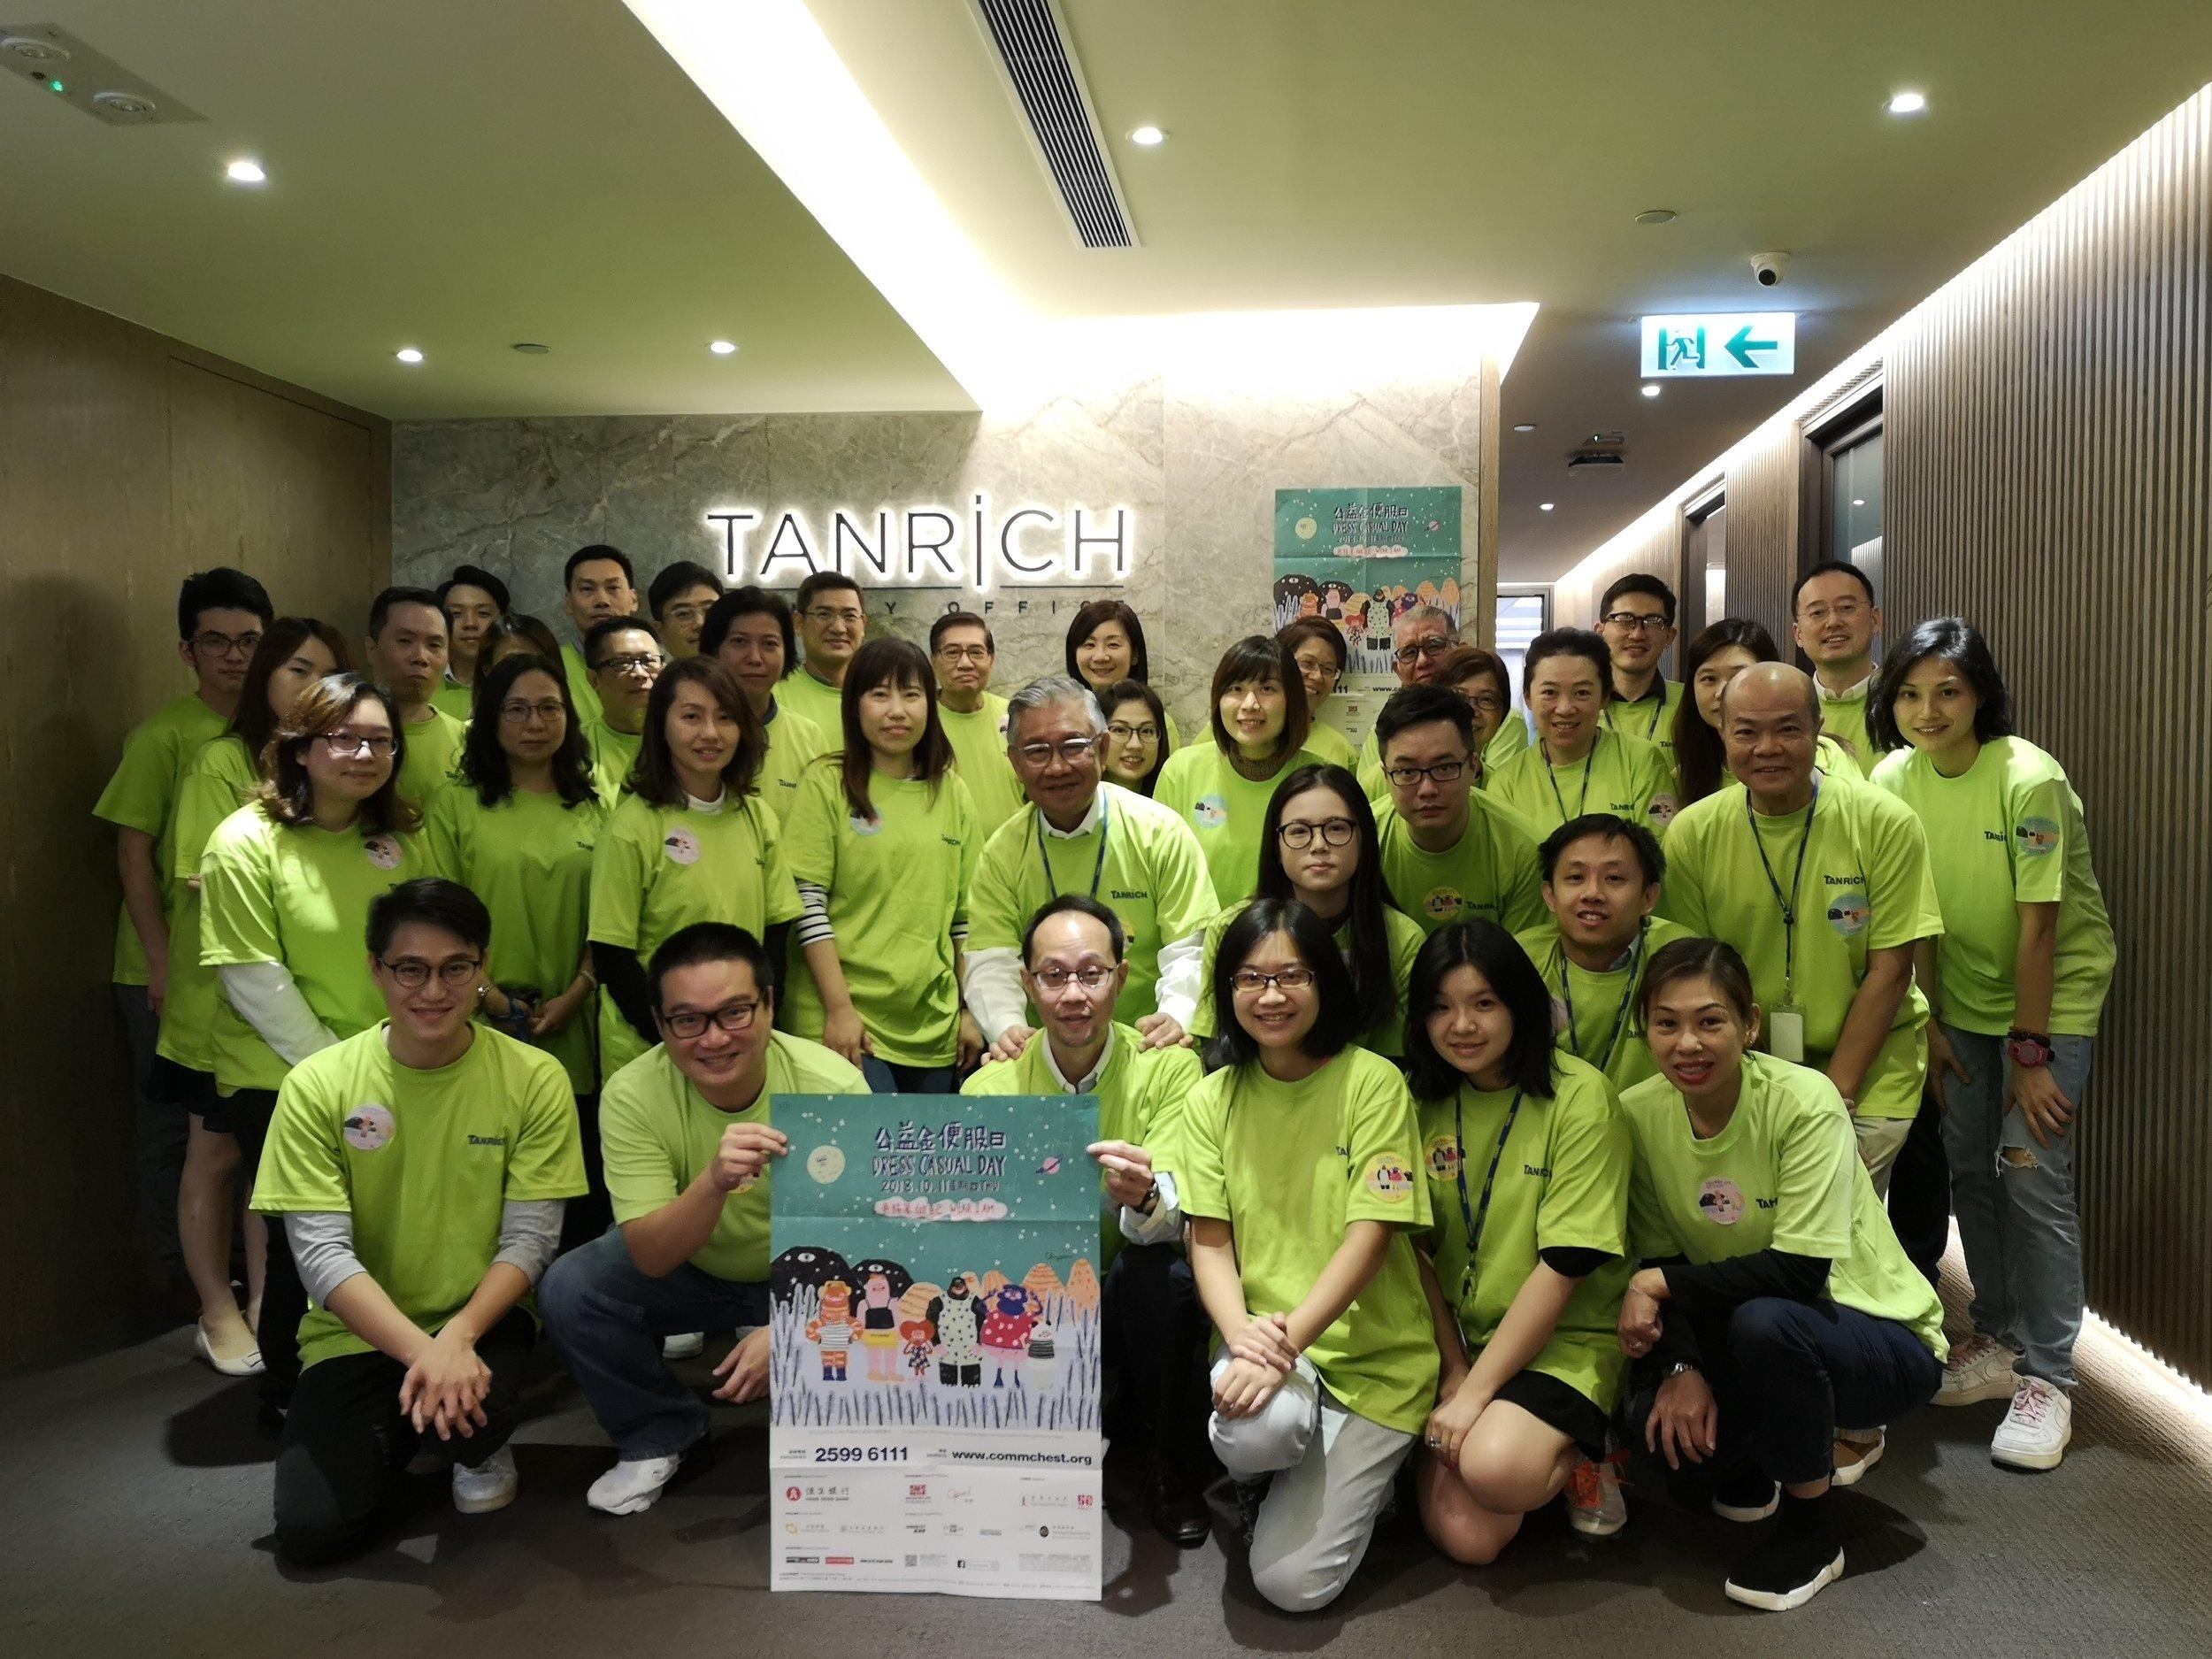 敦沛集團老闆及員工上下一心參加是次活動,見到每個參加者精神斗斗、笑容滿臉,開心地大合照!